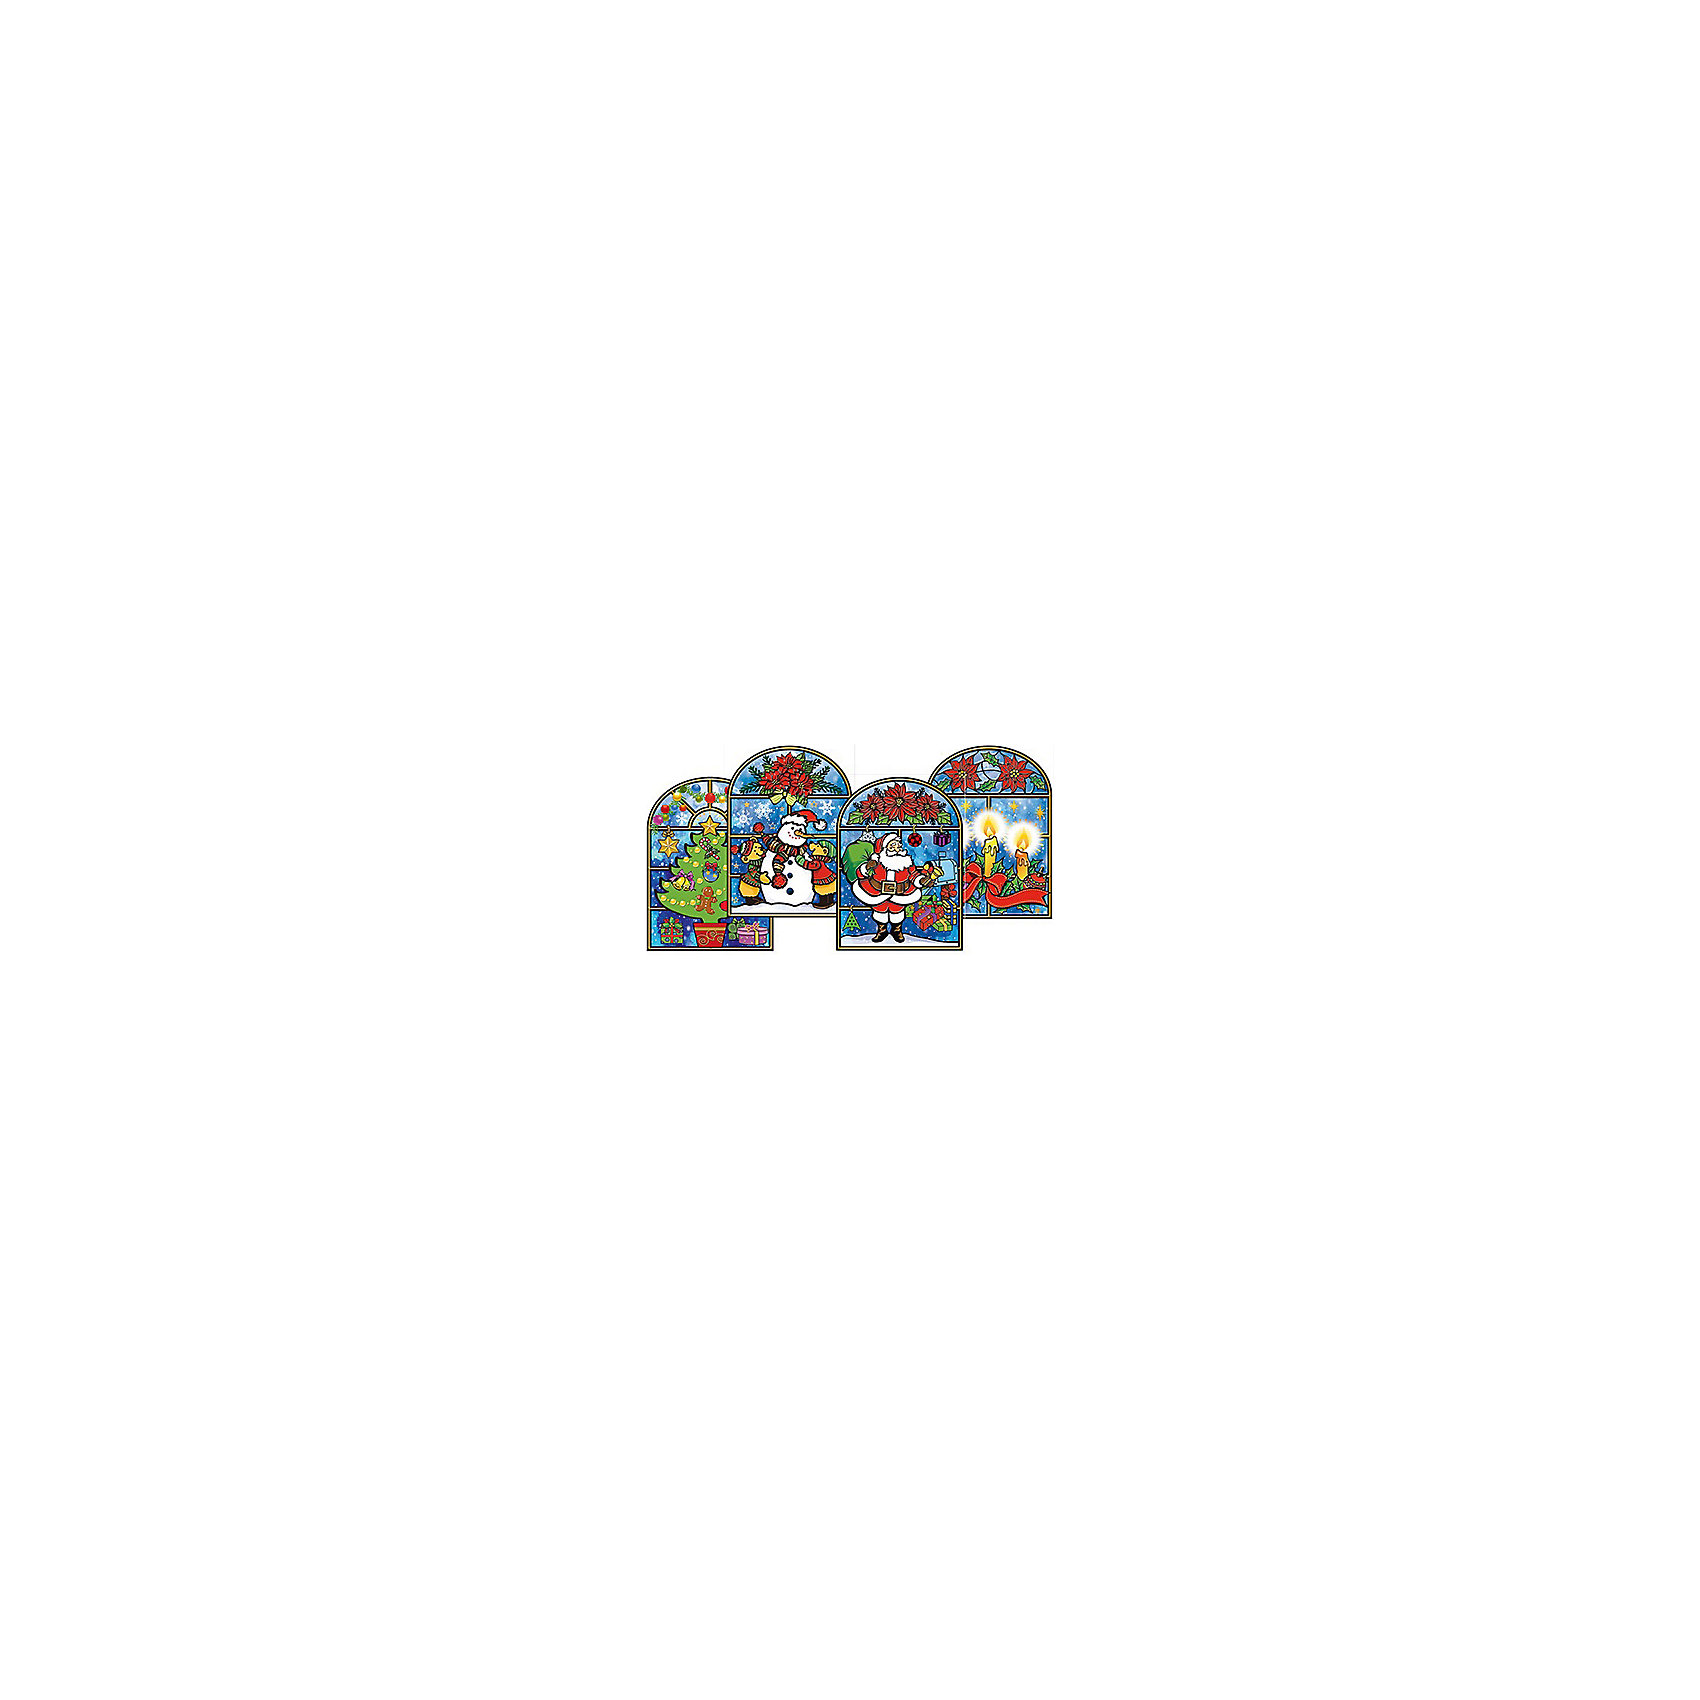 Наклейка на стекло Новогодний вечер, в ассортиментеНаклейка на стекло Новогодний вечер, в ассортименте – этот новогодний аксессуар создаст в доме праздничную атмосферу.<br>Наклейка на стекло Новогодний вечер – это оригинальное новогоднее украшение, которое в сочетании с елкой довершит чудесное преобразование интерьера перед праздником. Украшение предназначено для декорирования стеклянных поверхностей. С его помощью можно оригинально украсить окна, стекла межкомнатных дверей, а так же зеркальные поверхности.<br><br>Дополнительная информация:<br><br>- В ассортименте 4 дизайна<br>- Размер упаковки: 30 х 20 см.<br>- Вес: 30 гр.<br>- ВНИМАНИЕ! Данный артикул представлен в разных вариантах исполнения. К сожалению, заранее выбрать определенный вариант невозможно. При заказе нескольких наборов возможно получение одинаковых<br><br>Наклейку на стекло Новогодний вечер, в ассортименте можно купить в нашем интернет-магазине.<br><br>Ширина мм: 300<br>Глубина мм: 200<br>Высота мм: 3<br>Вес г: 30<br>Возраст от месяцев: 36<br>Возраст до месяцев: 2147483647<br>Пол: Унисекс<br>Возраст: Детский<br>SKU: 4319567